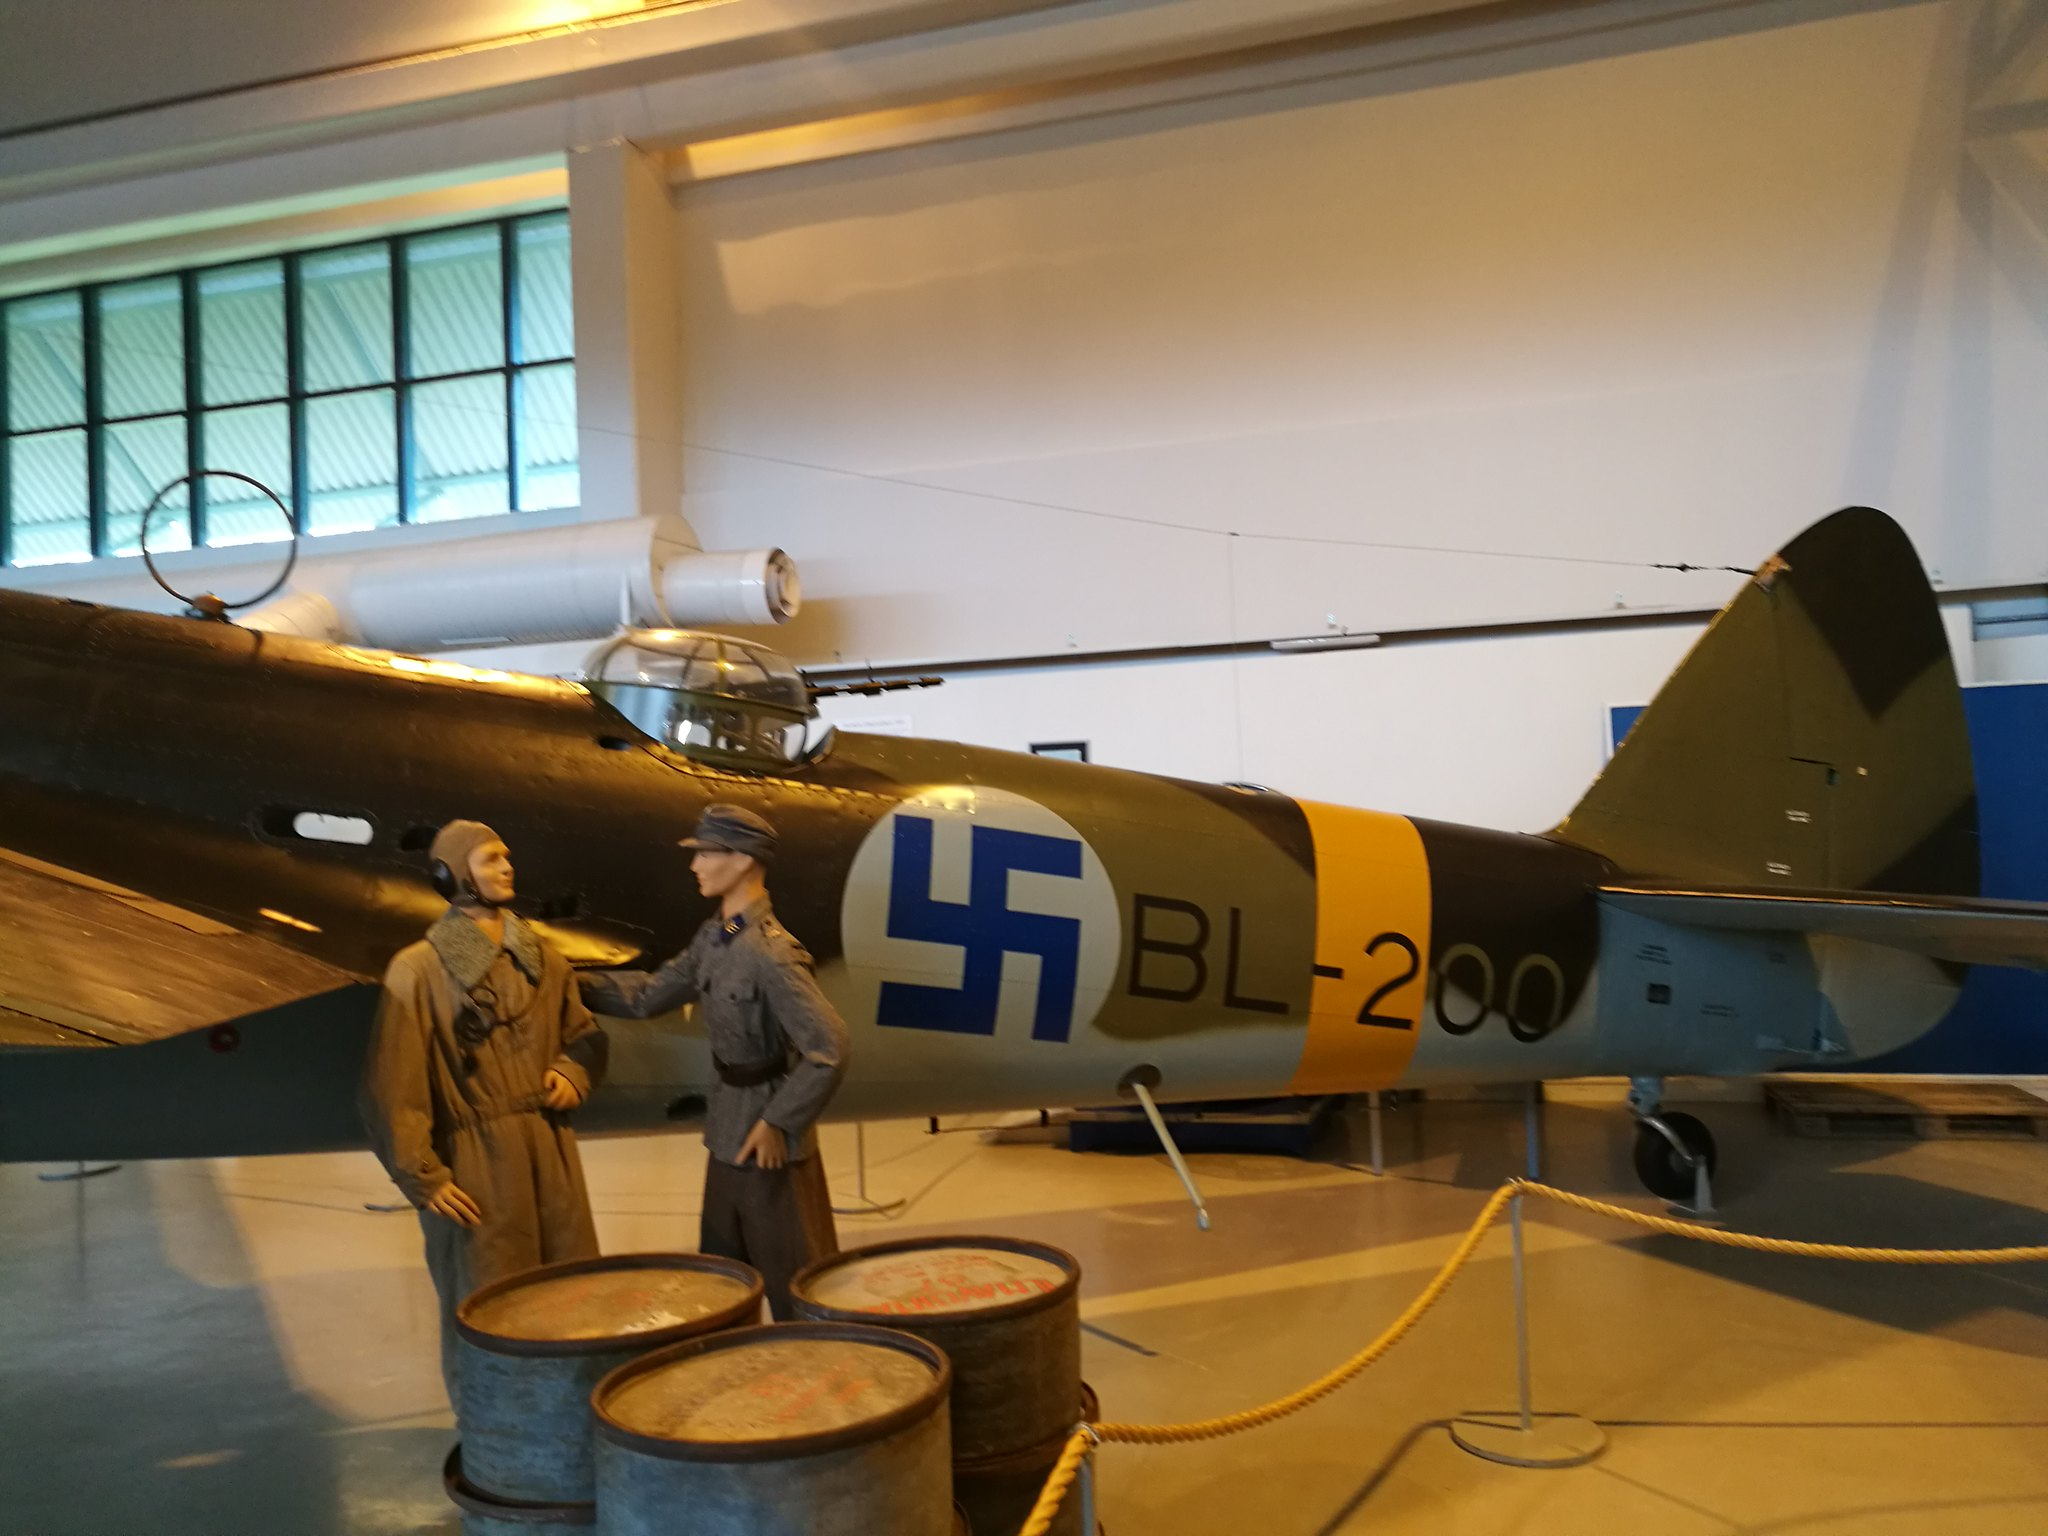 Hemkommen från semester i Finland med utflykt till Finlands Flygvapenmuseum. 48292956736_de621fccb7_k